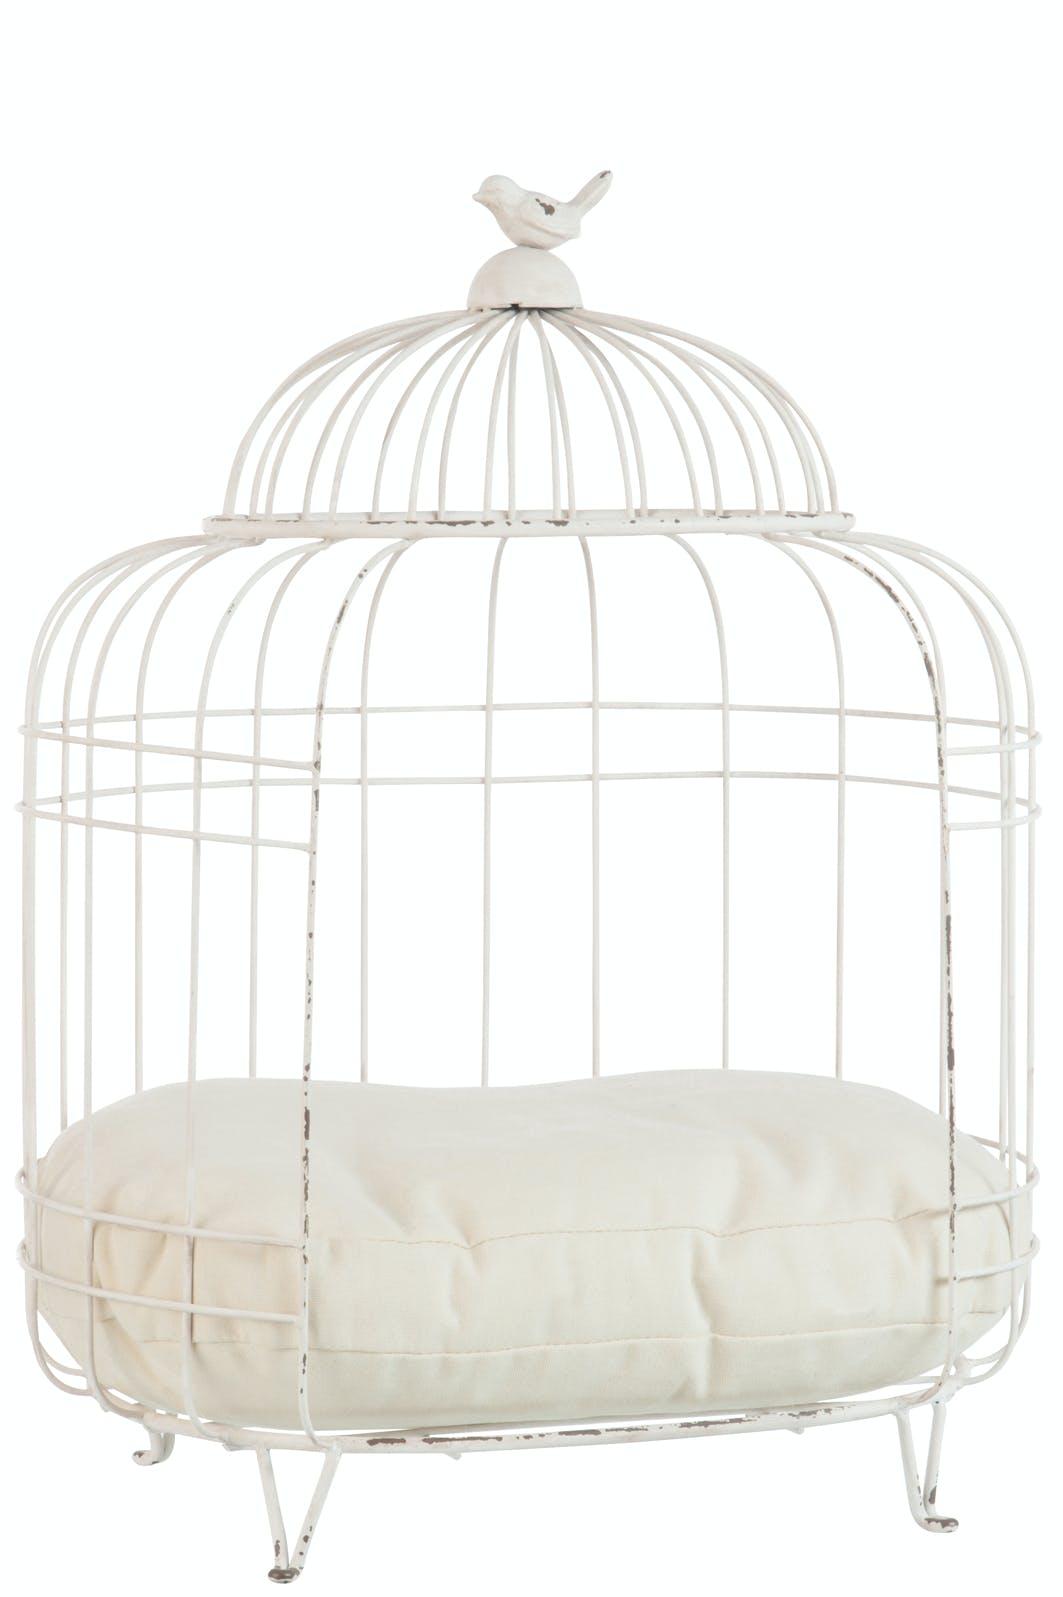 Cage lit pour animal avec coussin, 51x36x64cm